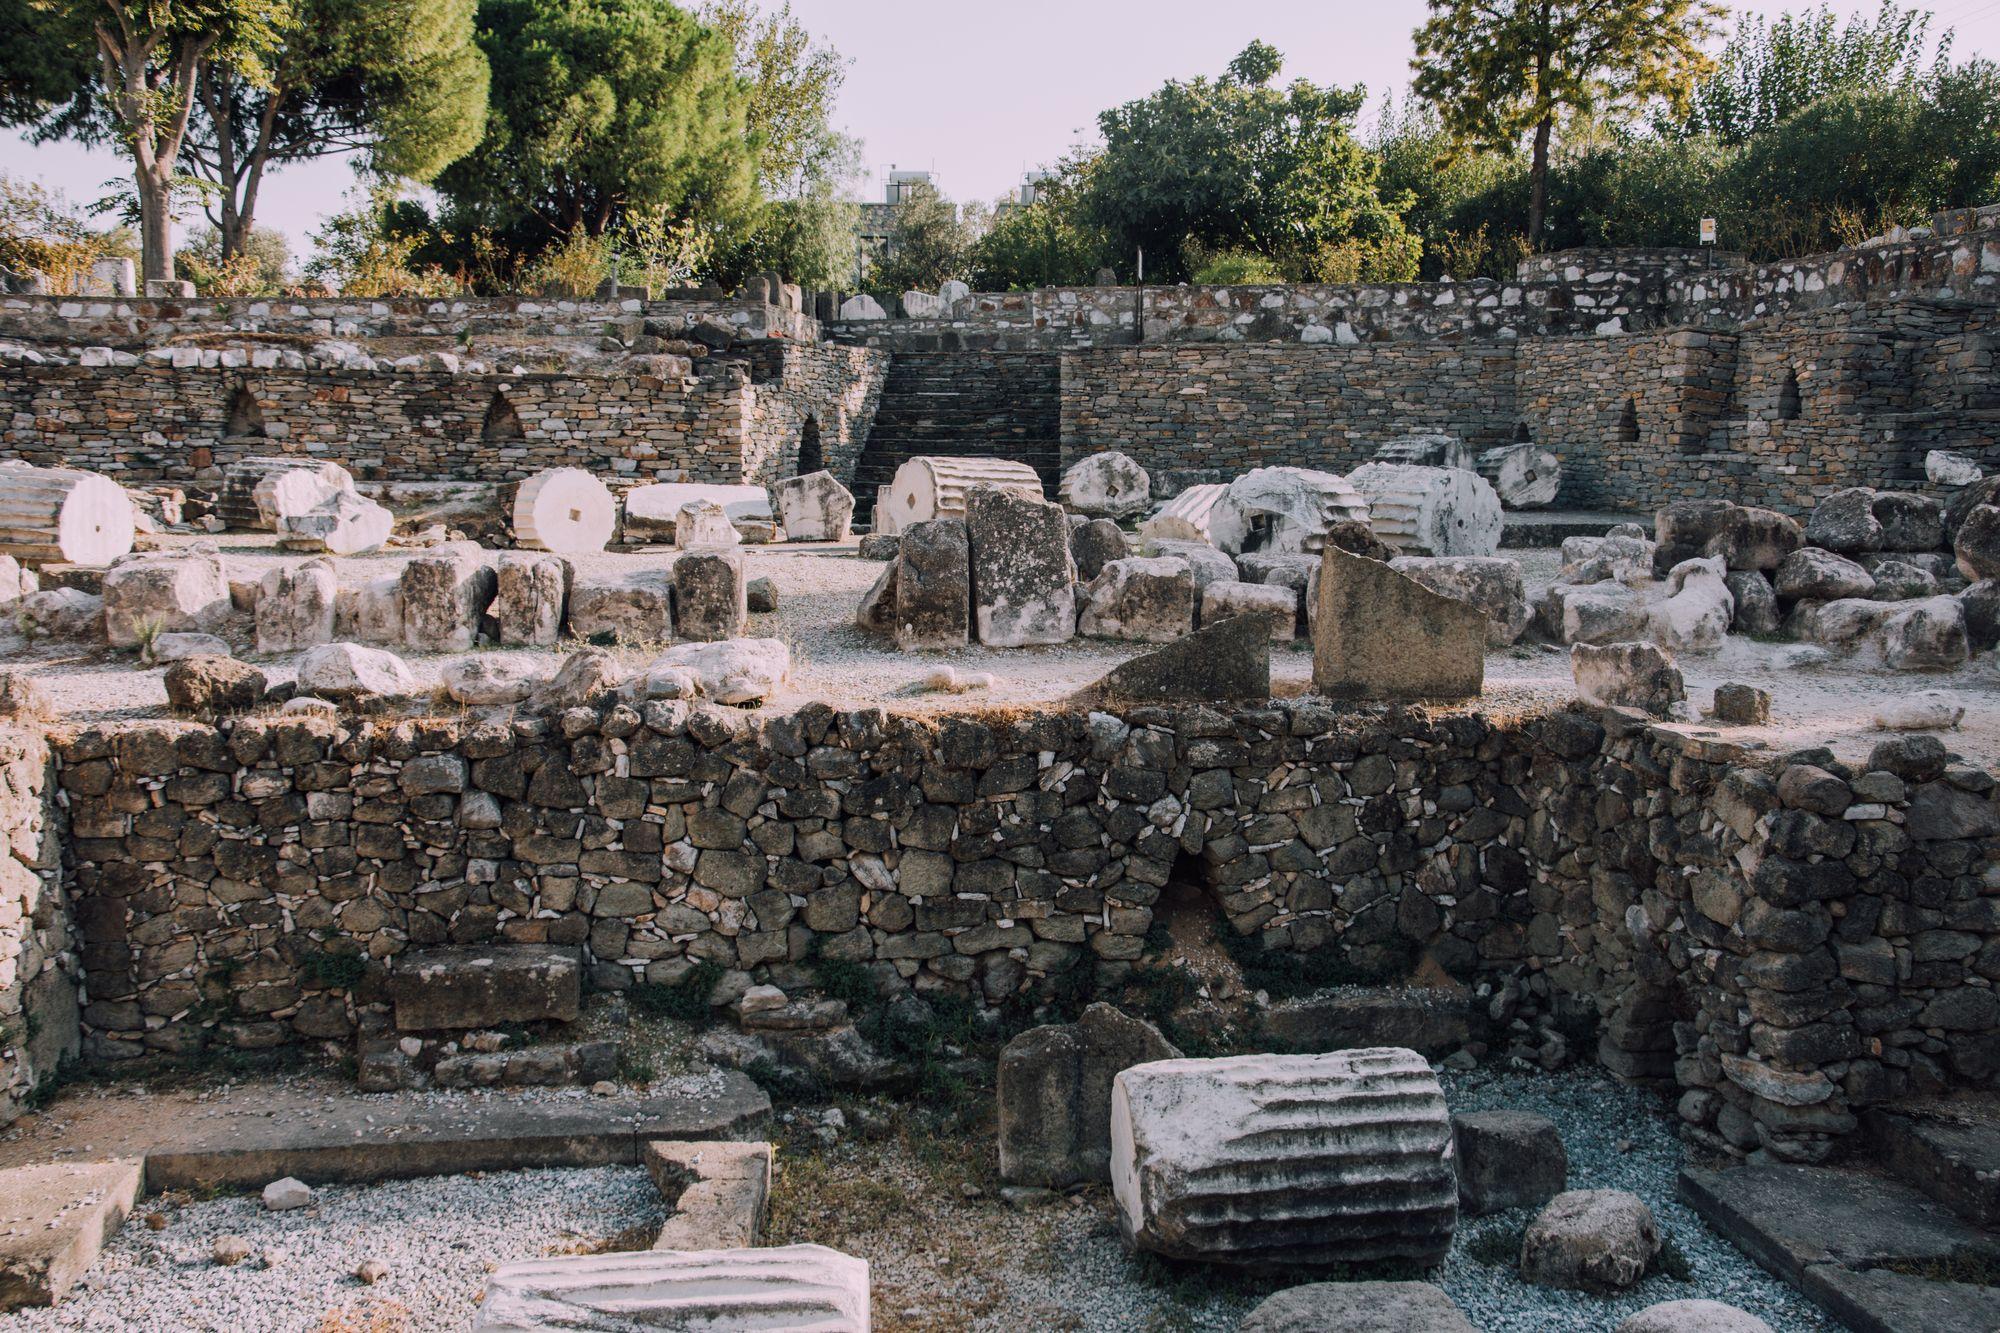 Halicarnassus Mausoleum in Bodrum